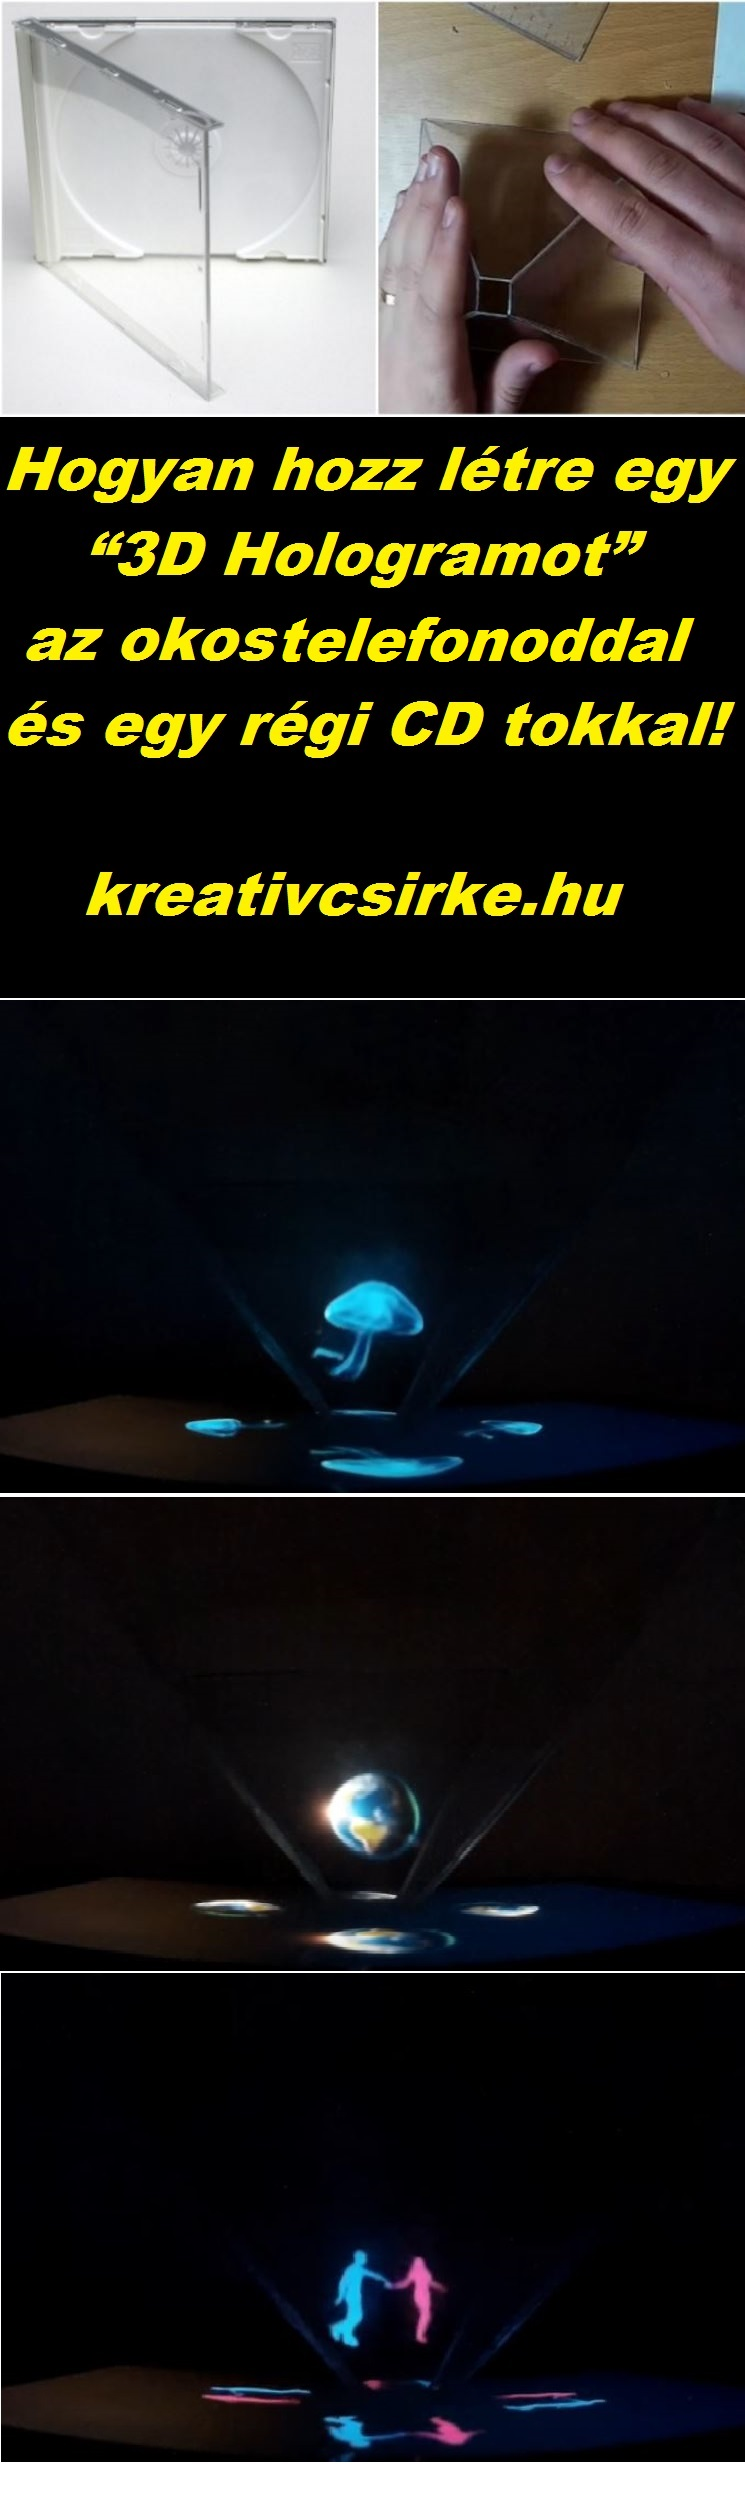 """Hogyan hozz létre egy """"3D Hologramot"""" az okos telefonoddal és egy régi CD tokkal!"""